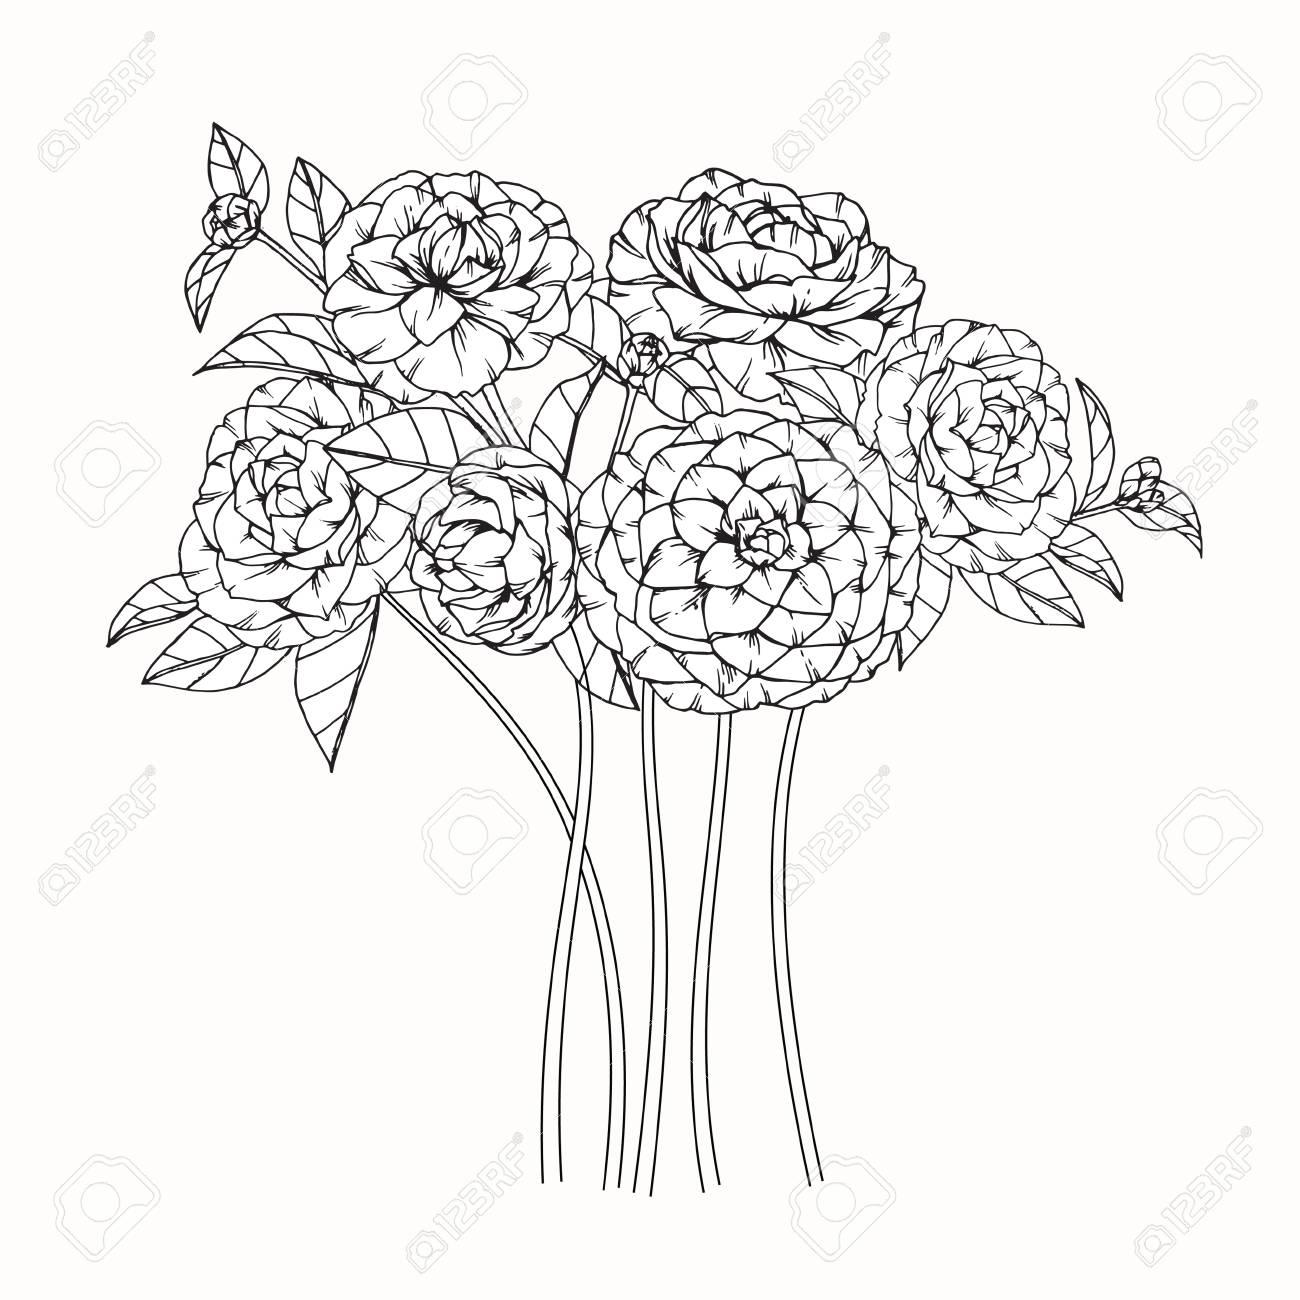 Fleurs De Camelia Dessin Et Croquis Avec Dessin Au Trait Sur Fond